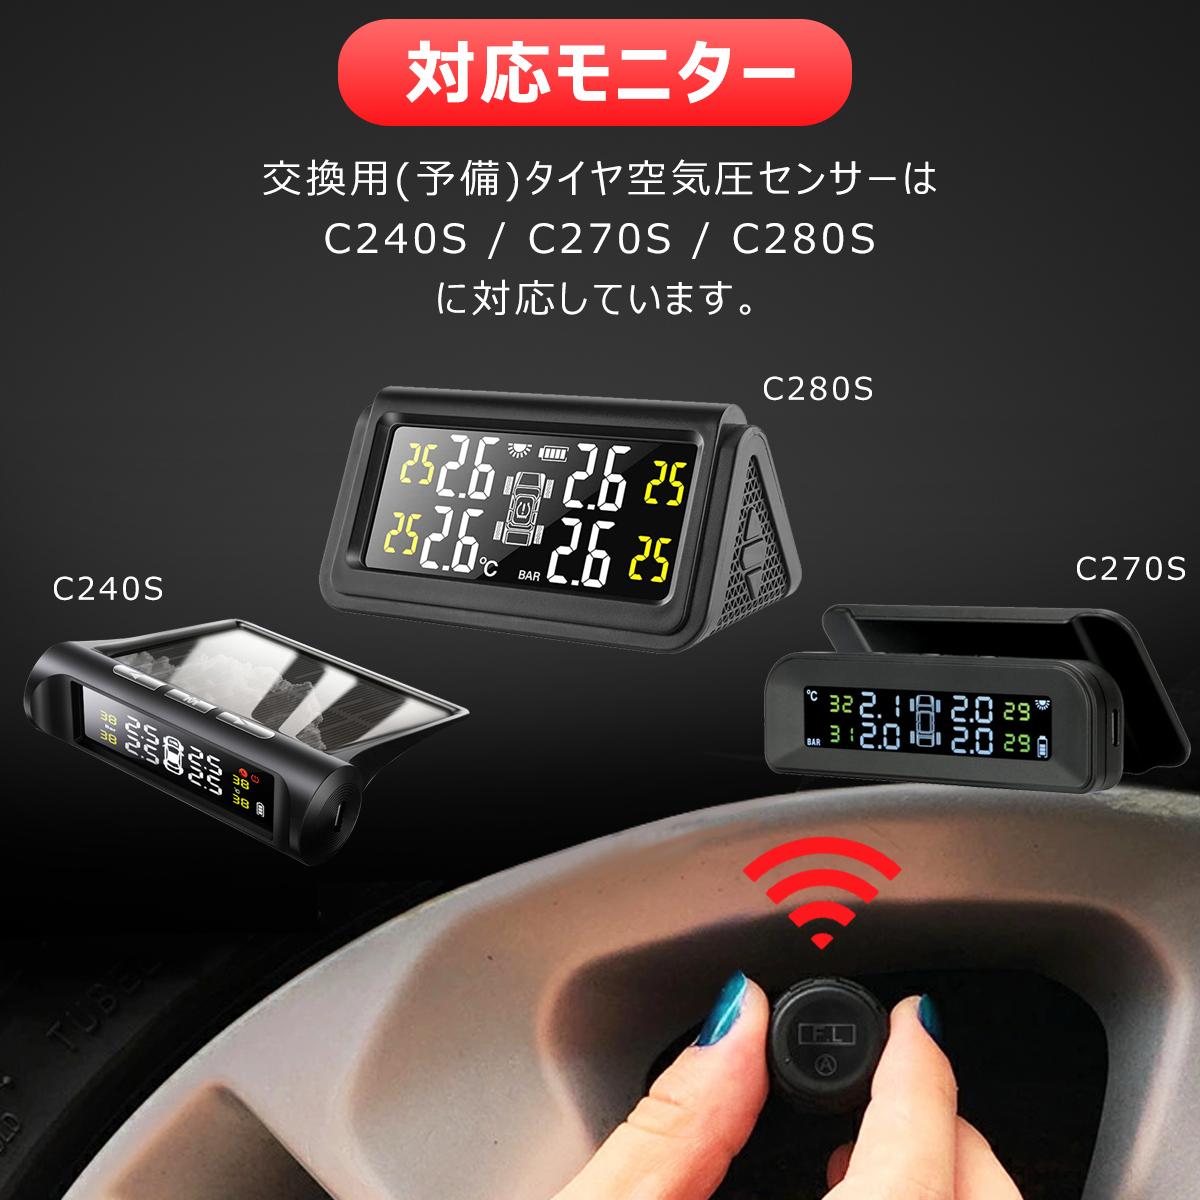 交換用 タイヤ空気圧センサー 4個 予備 タイヤ空気圧監視 TPMS 防水防塵 IP67 ワイヤレス タイヤ 空気圧 温度 リアルタイム監視 計測 無線 取付簡単 SDM便送料無料 1ヶ月保証